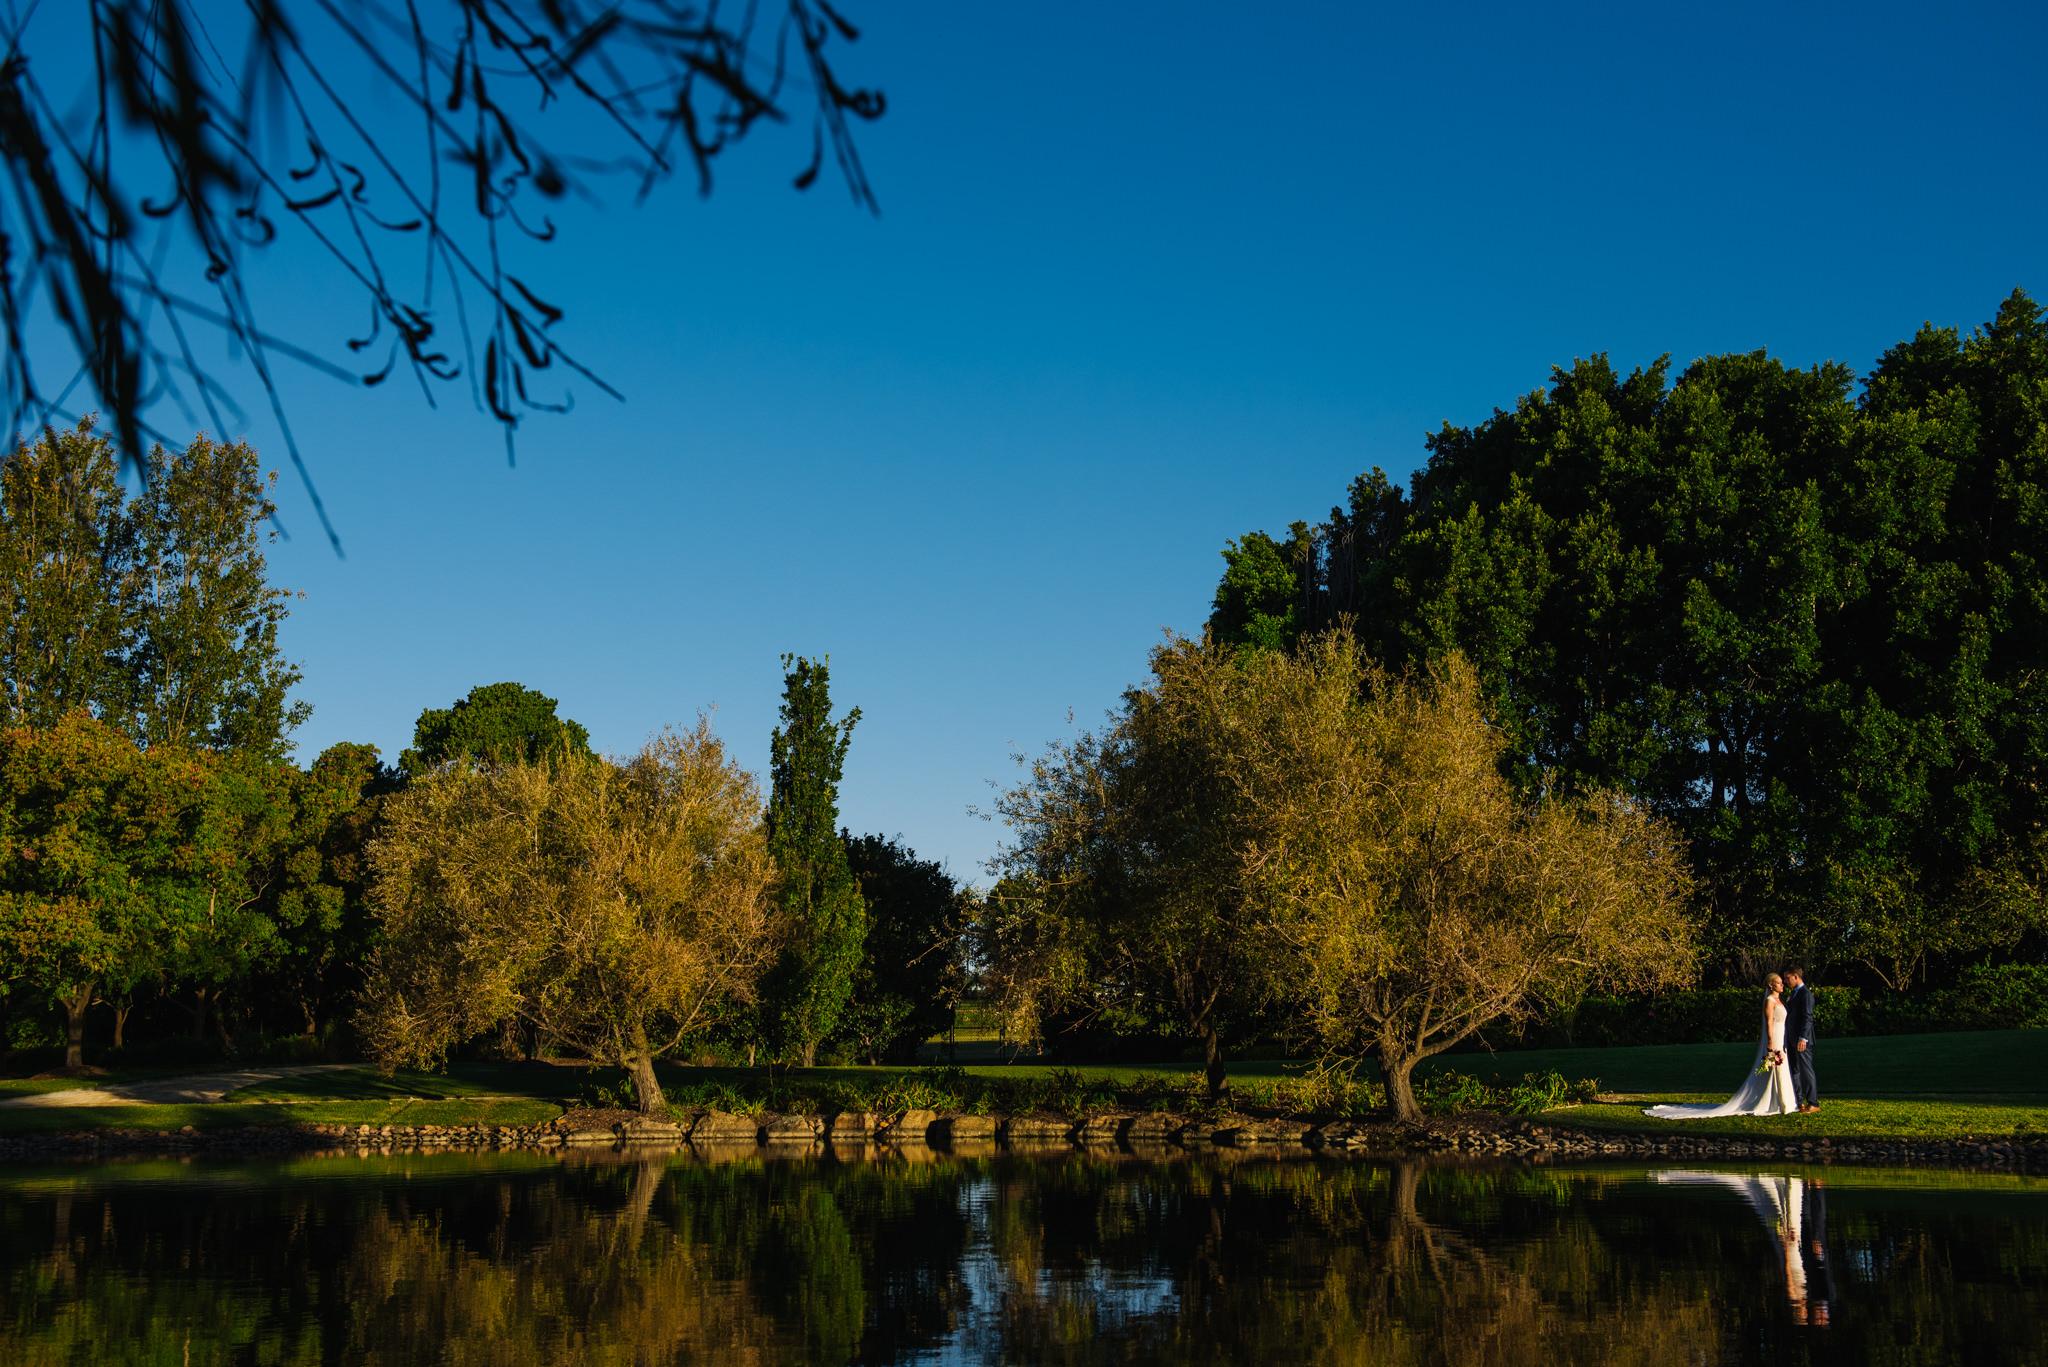 Lake at Peppers Creek